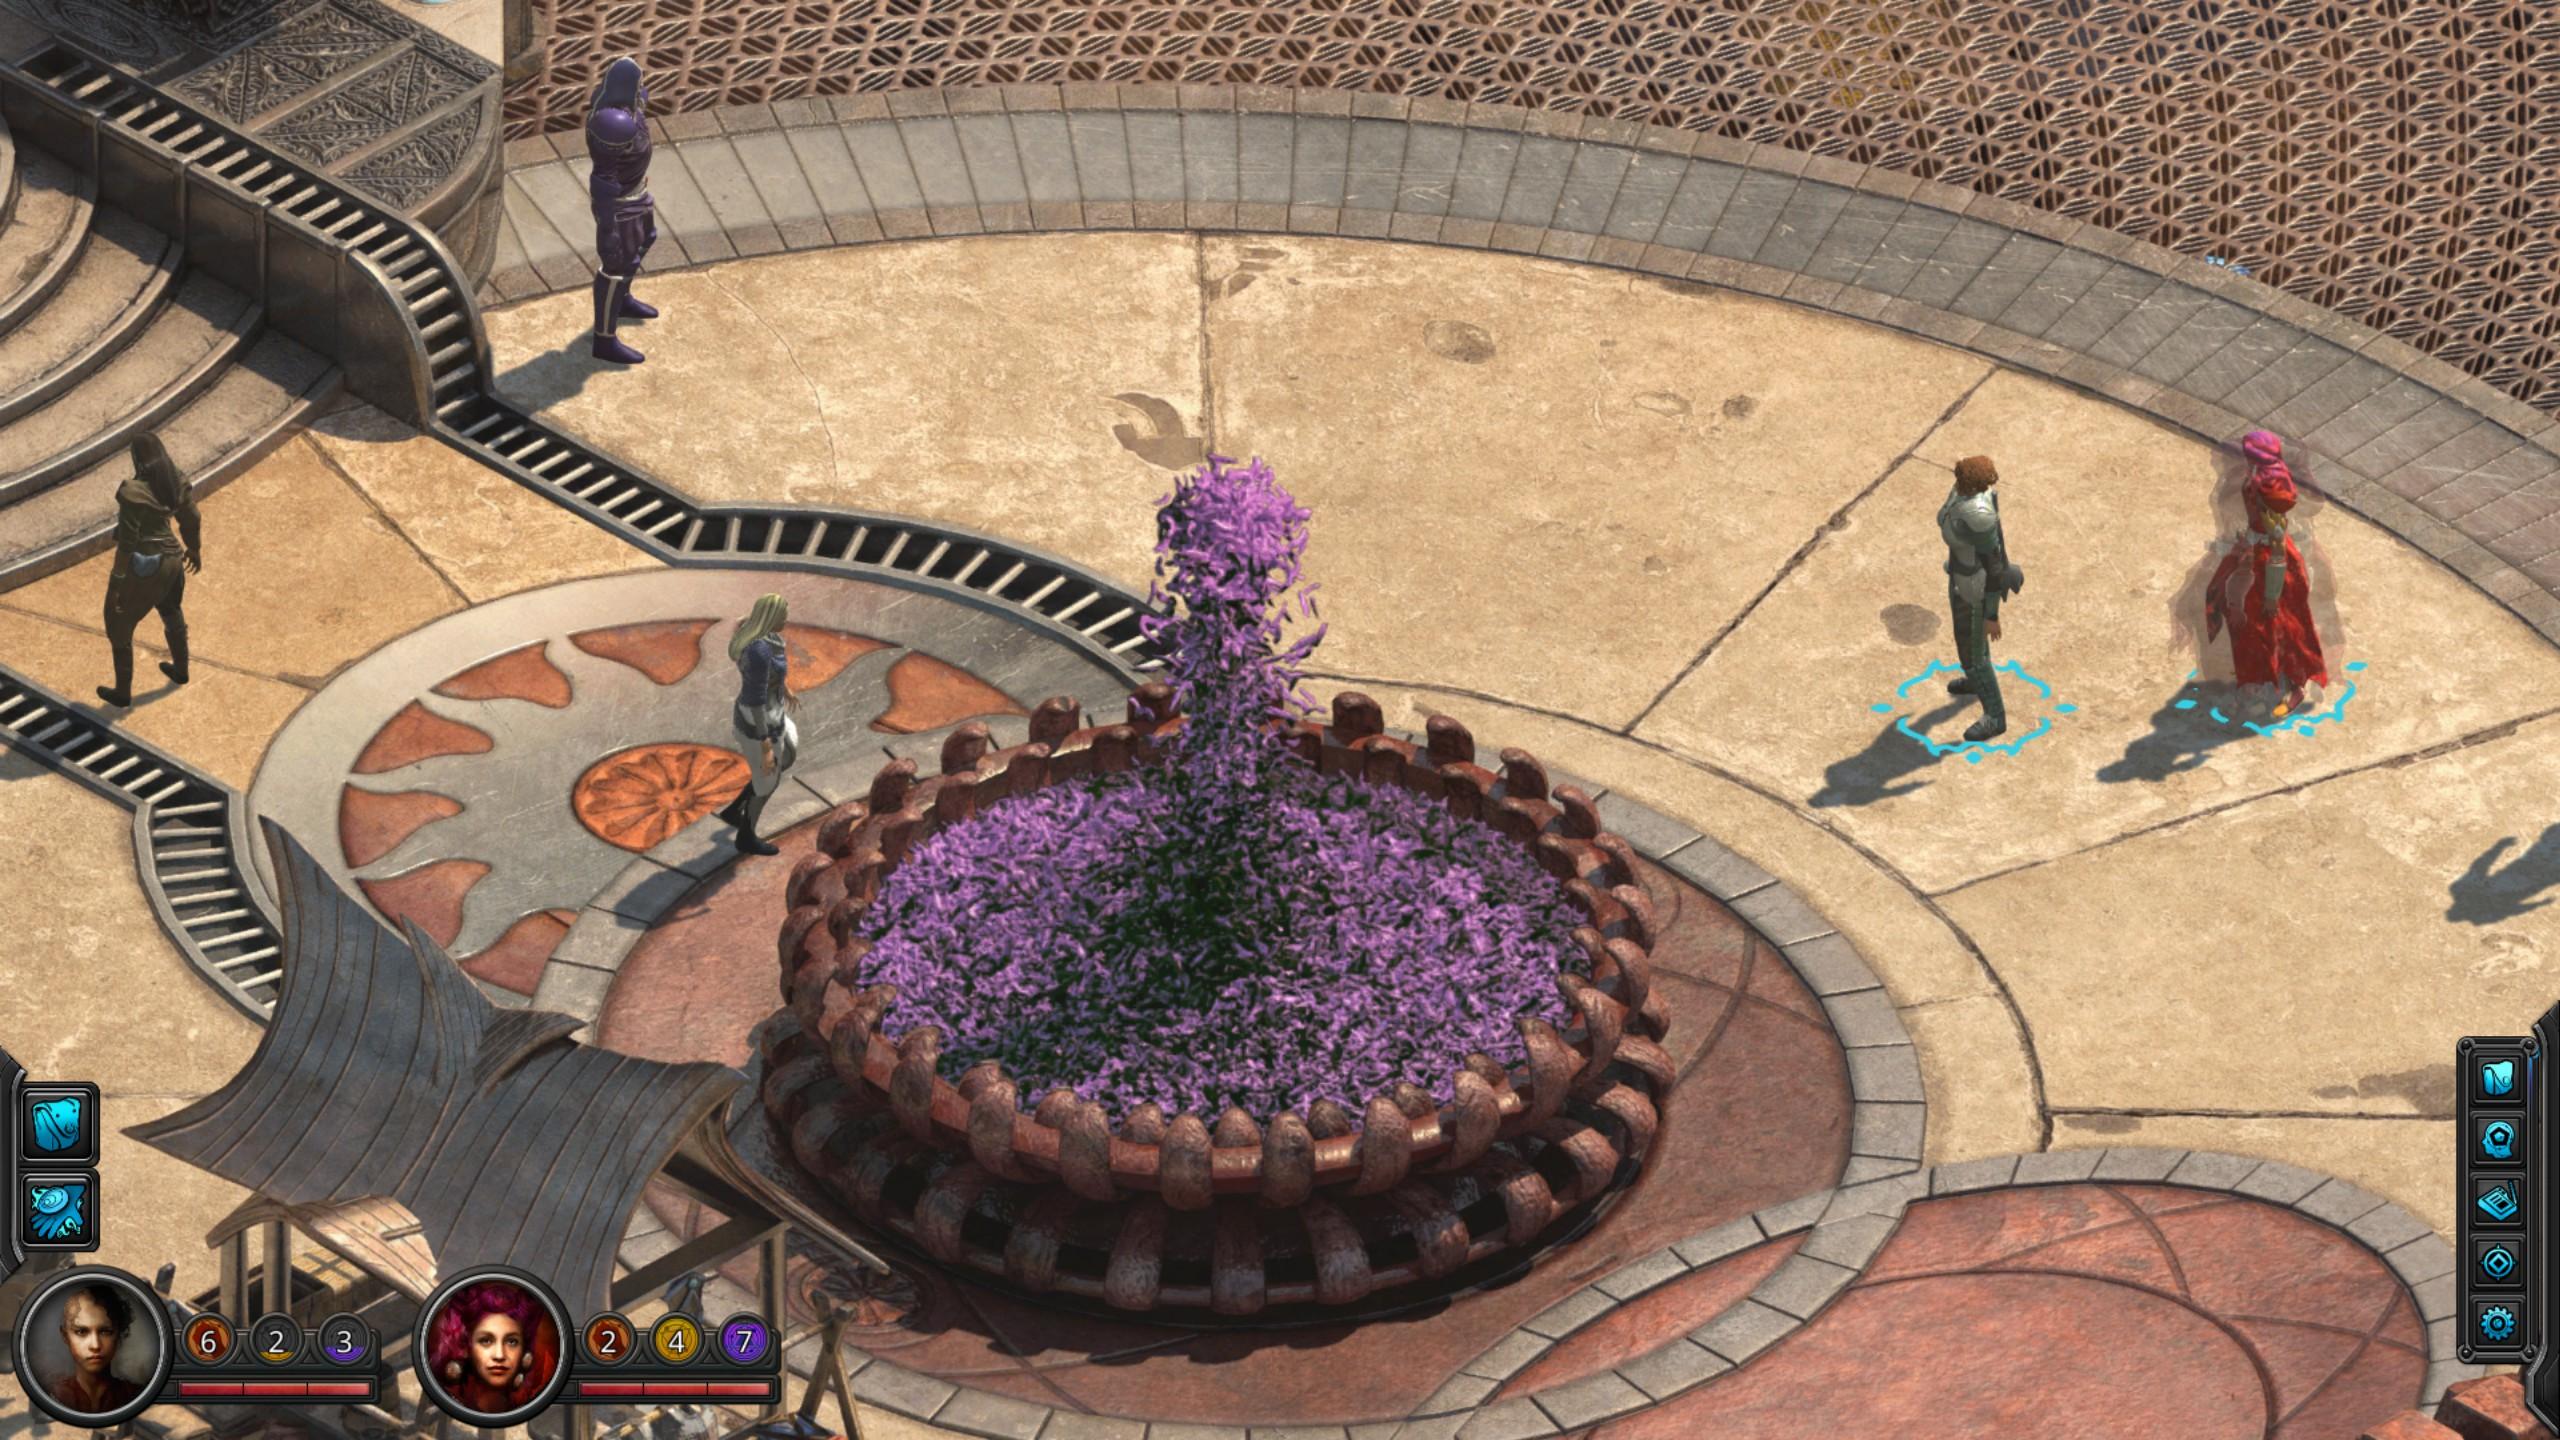 Ta fontanna składa się wyłącznie z różowych, nie przestających gadać rybek. Za każdym razem, gdy gdzieś w Dziewiątym Świecie umiera jakiś język, w fontannie pojawia się nowa rybka...